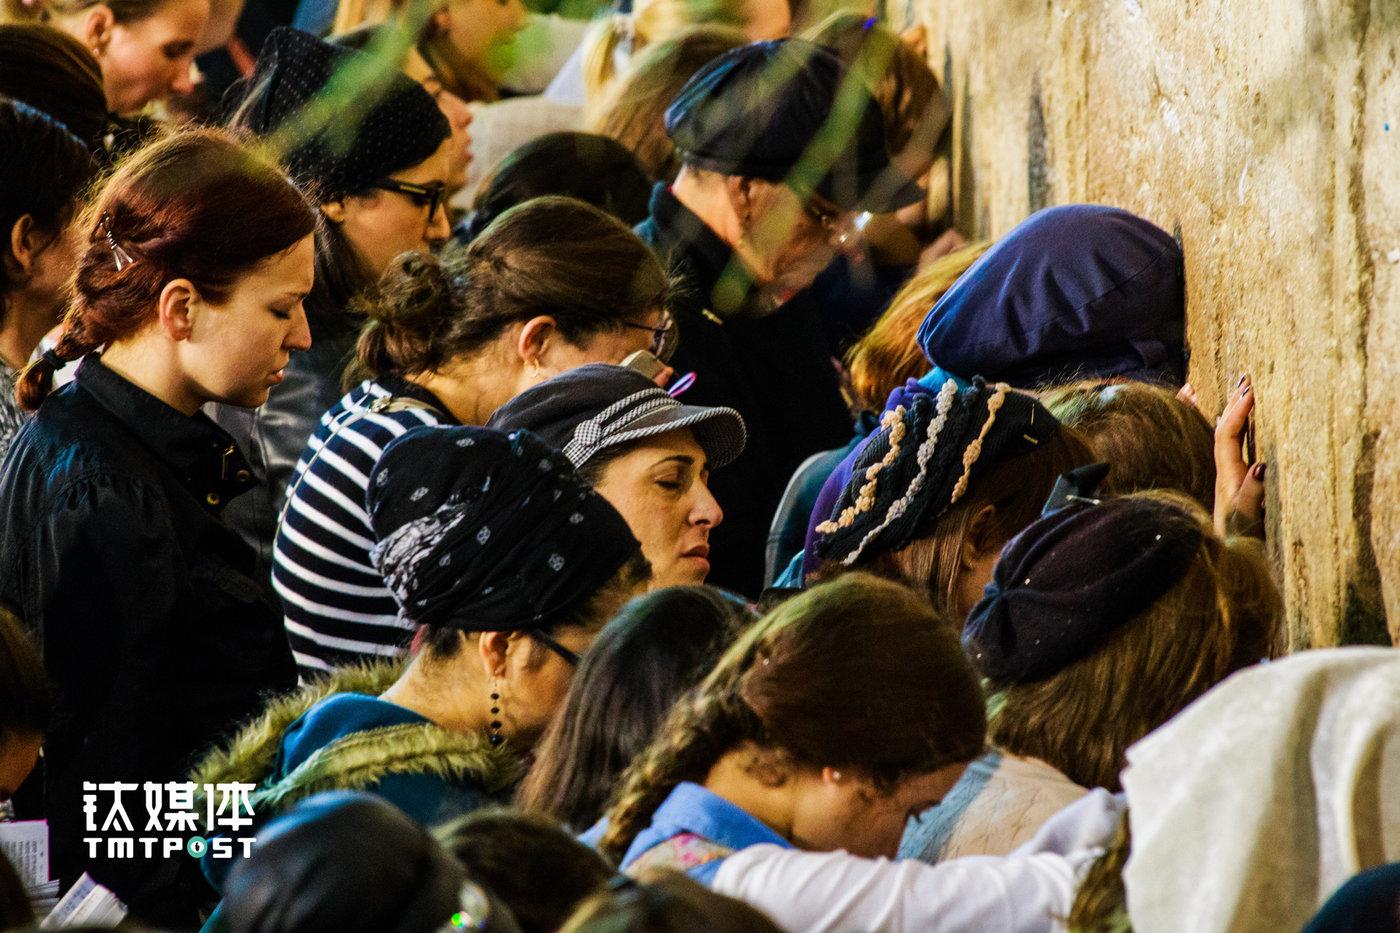 夜色笼罩的哭墙下,聚集了许多犹太教信徒。他们手捧希伯来文圣经,诵读《旧约》,哭诉犹太人流放和复国的苦难史,然后亲吻墙面。1948年以色列复国,经历过宗教迫害、异国他乡的生存、二战大屠杀的犹太人终归于回归耶路撒冷。(图/朱玲玉)